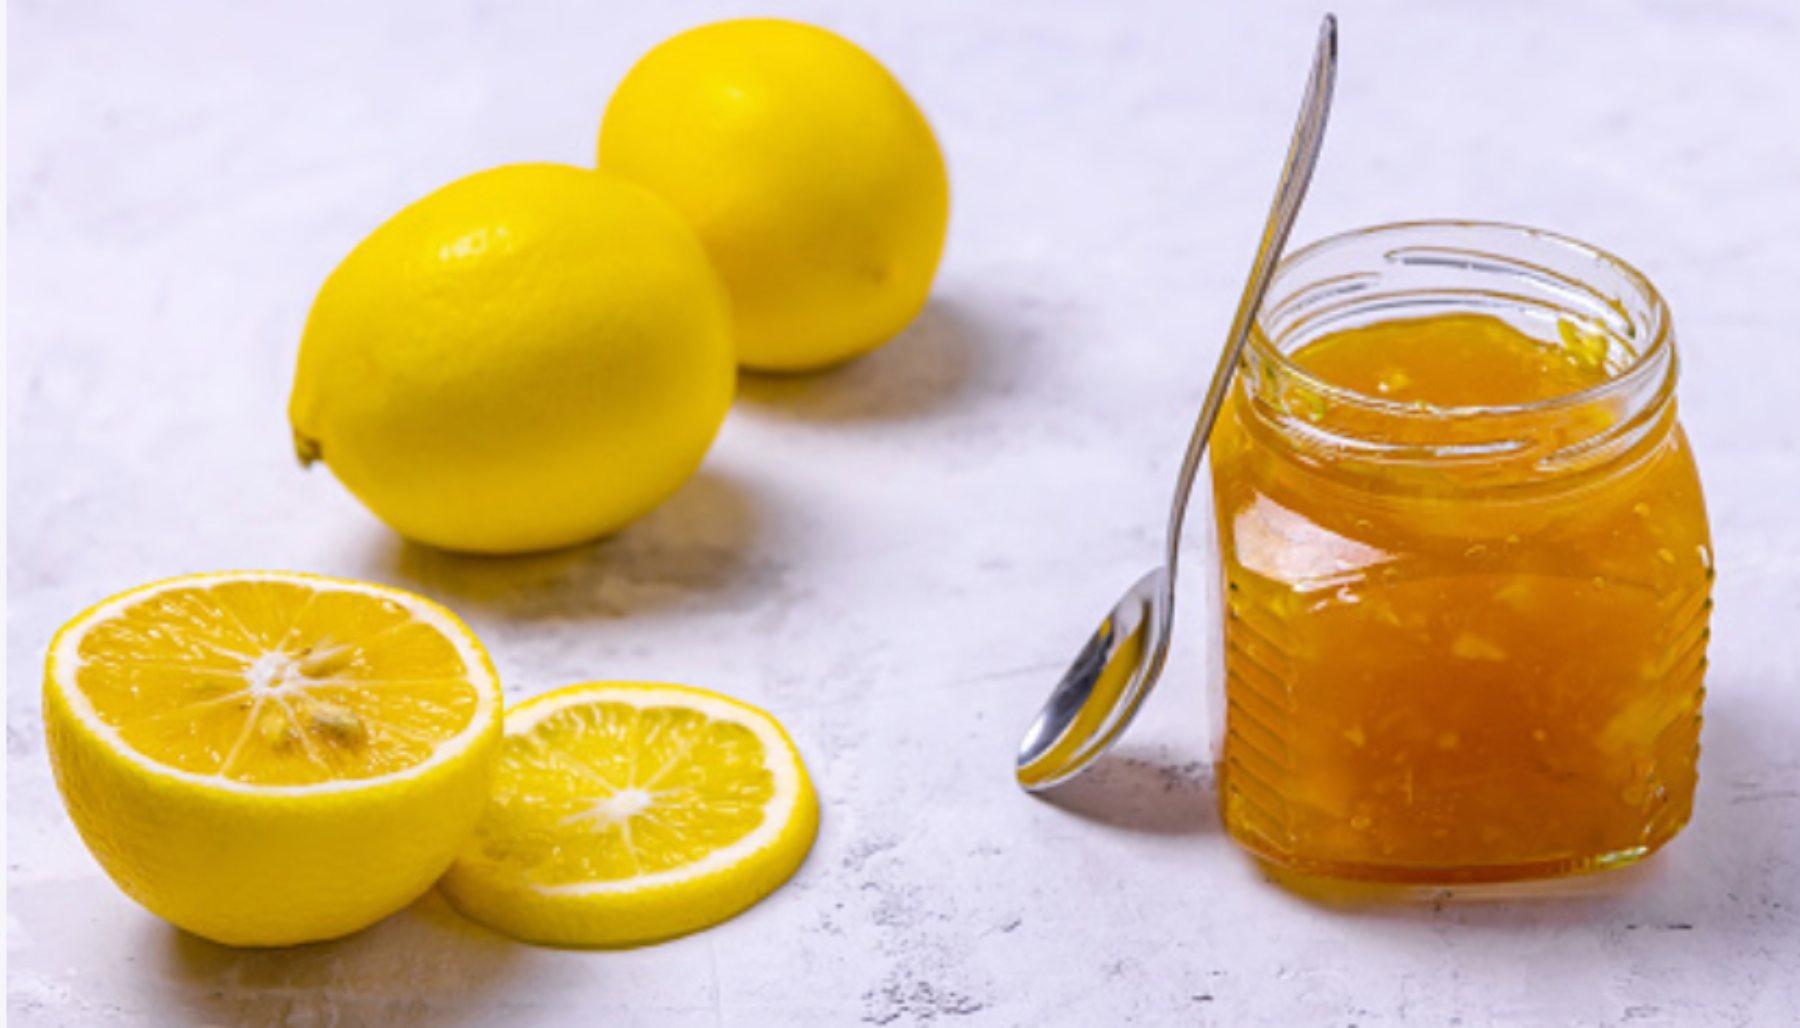 Mermelada de limón casera, receta para disfrutar todo el año de este cítrico